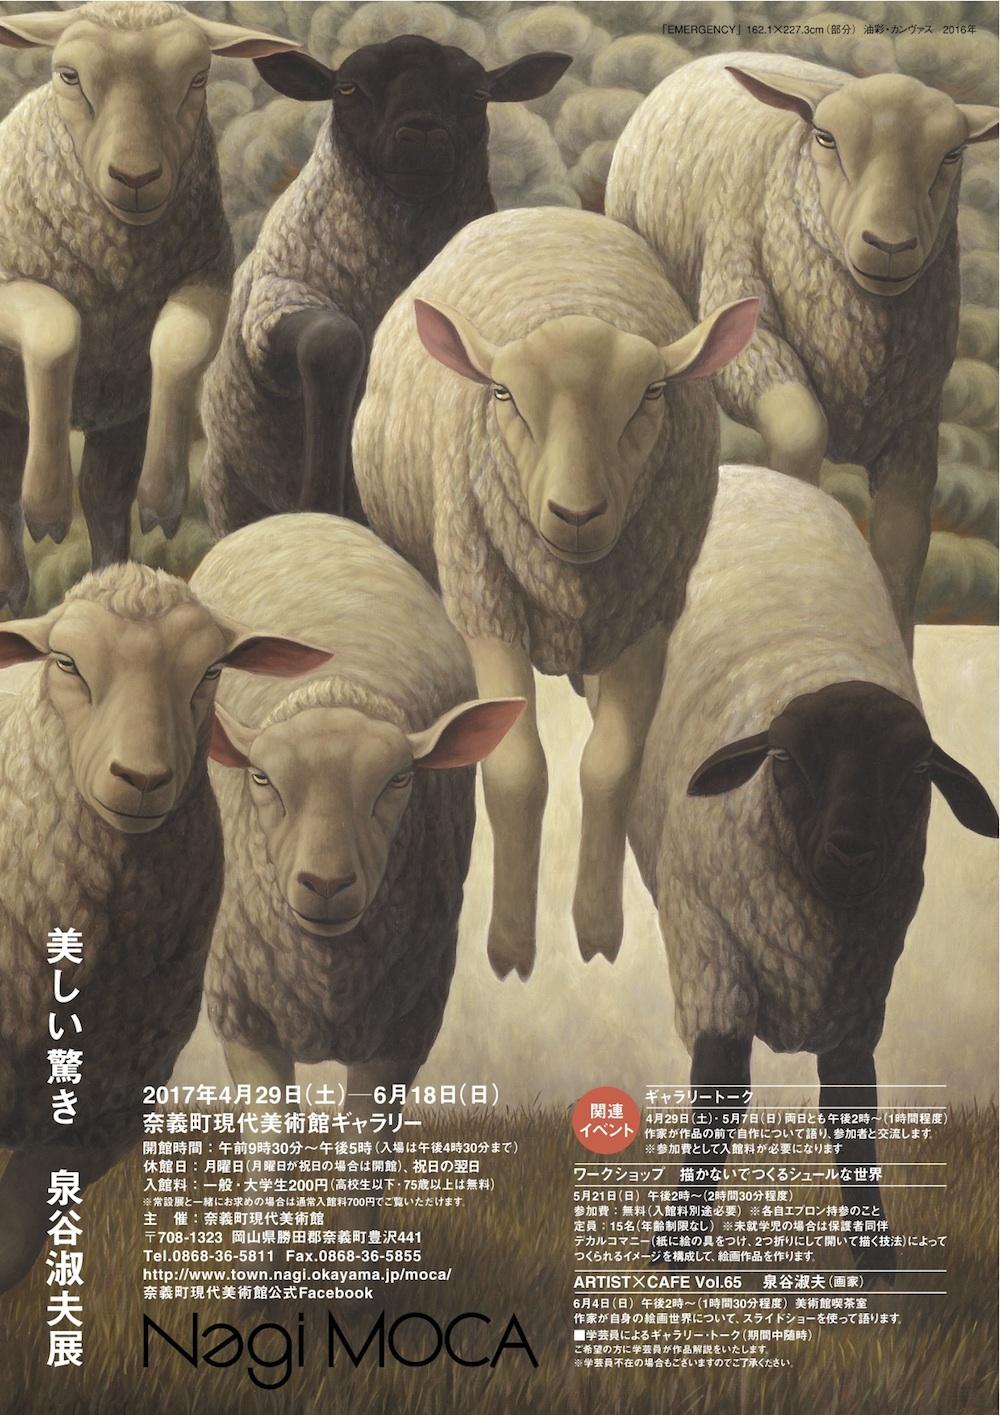 【個展】美しい驚き 泉谷淑夫展 2017 @NagiMOCA [2017.04.29-06.18]